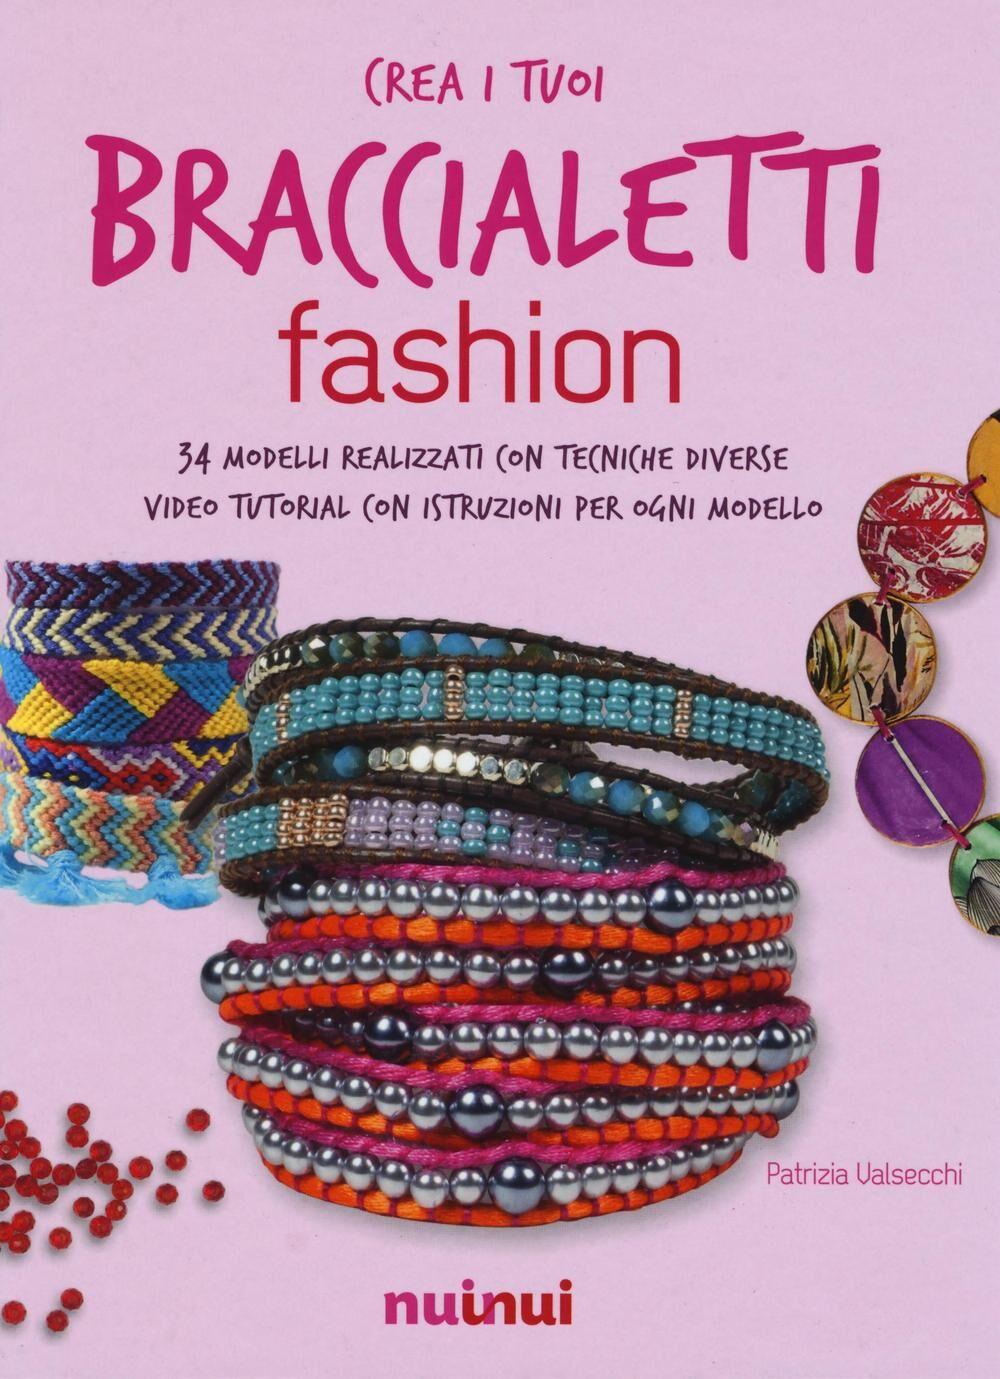 Braccialetti fashion. 34 modelli realizzati con tecniche diverse